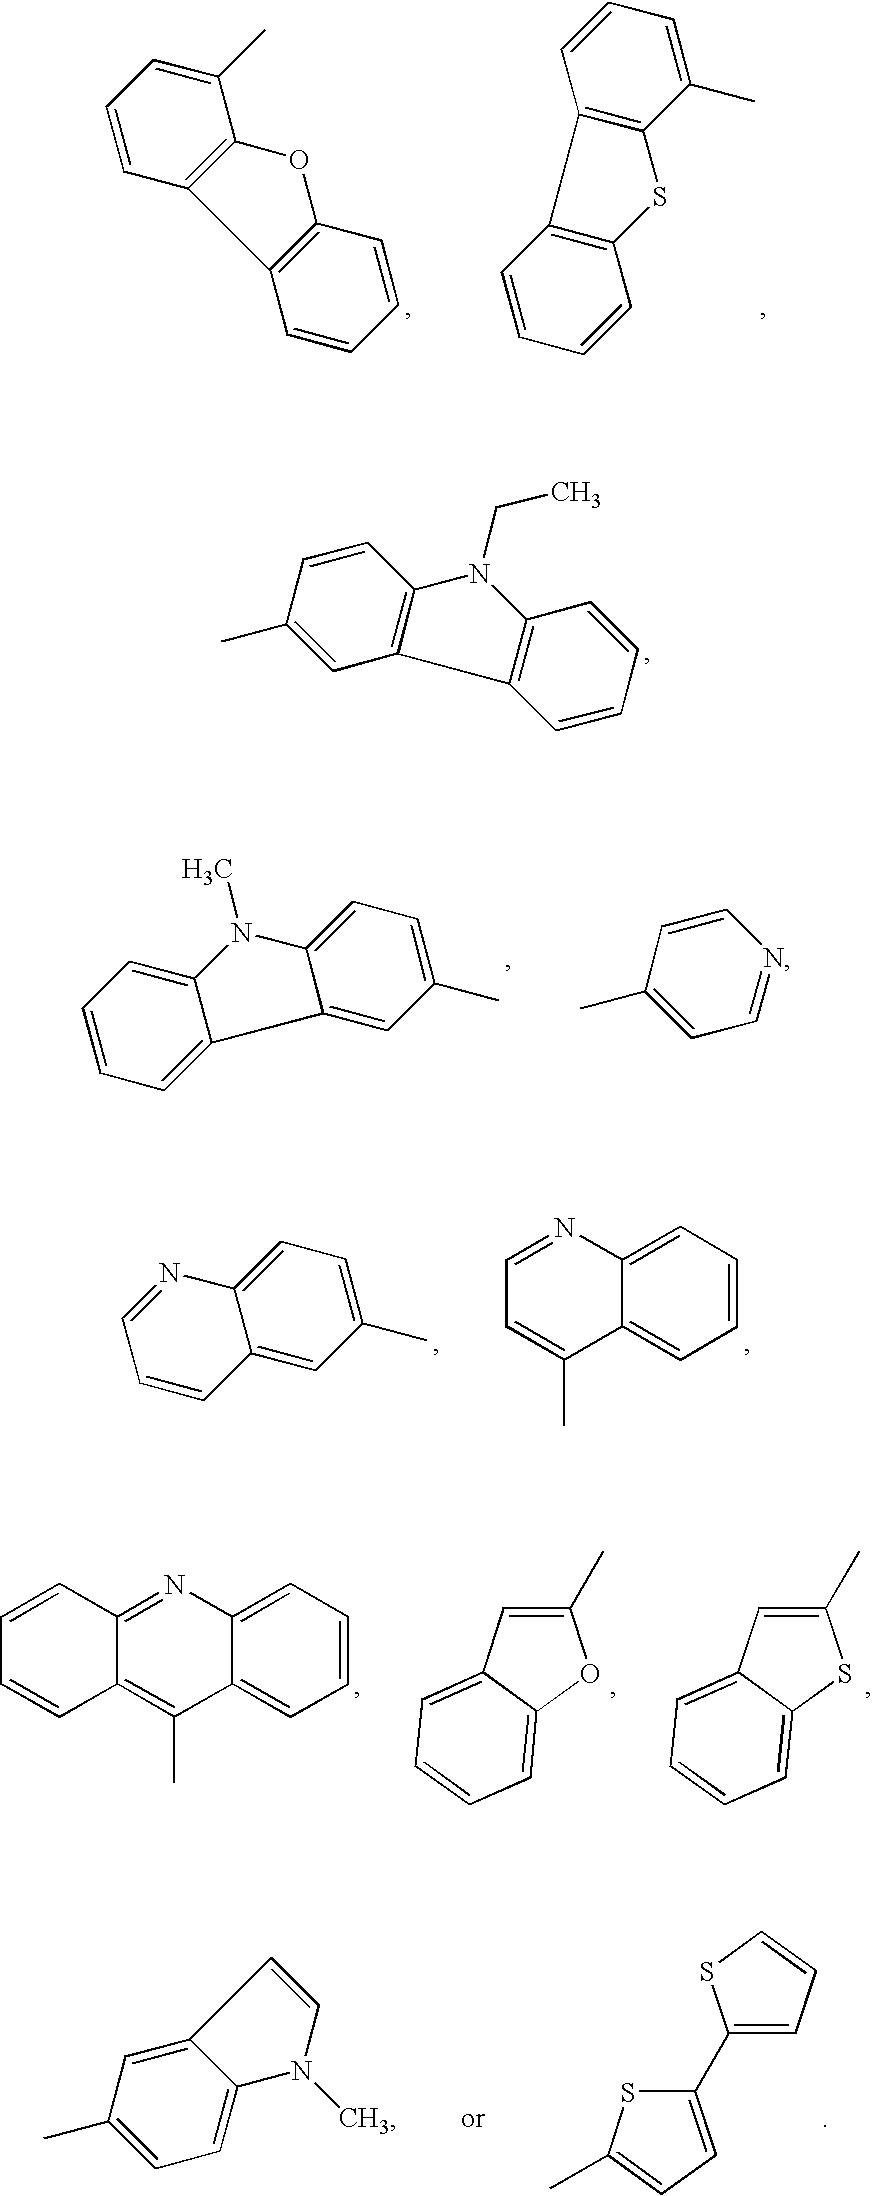 Figure US20090105447A1-20090423-C00031